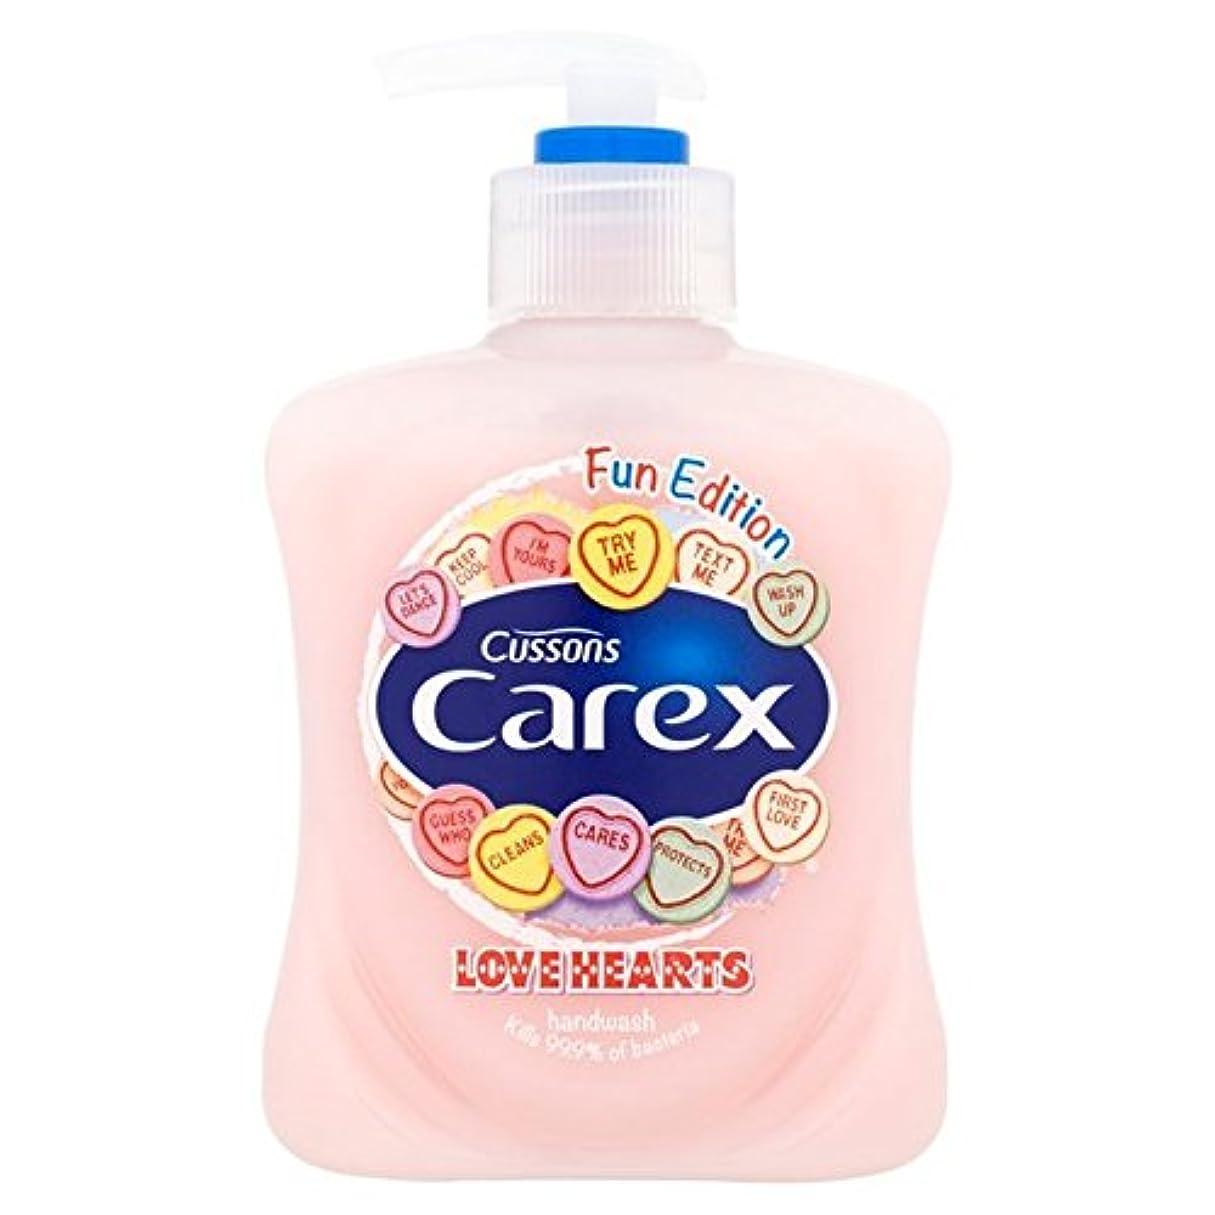 遺伝的式ペレットCarex Fun Edition Love Hearts Hand Wash 250ml - スゲ楽しい版愛の心のハンドウォッシュ250ミリリットル [並行輸入品]